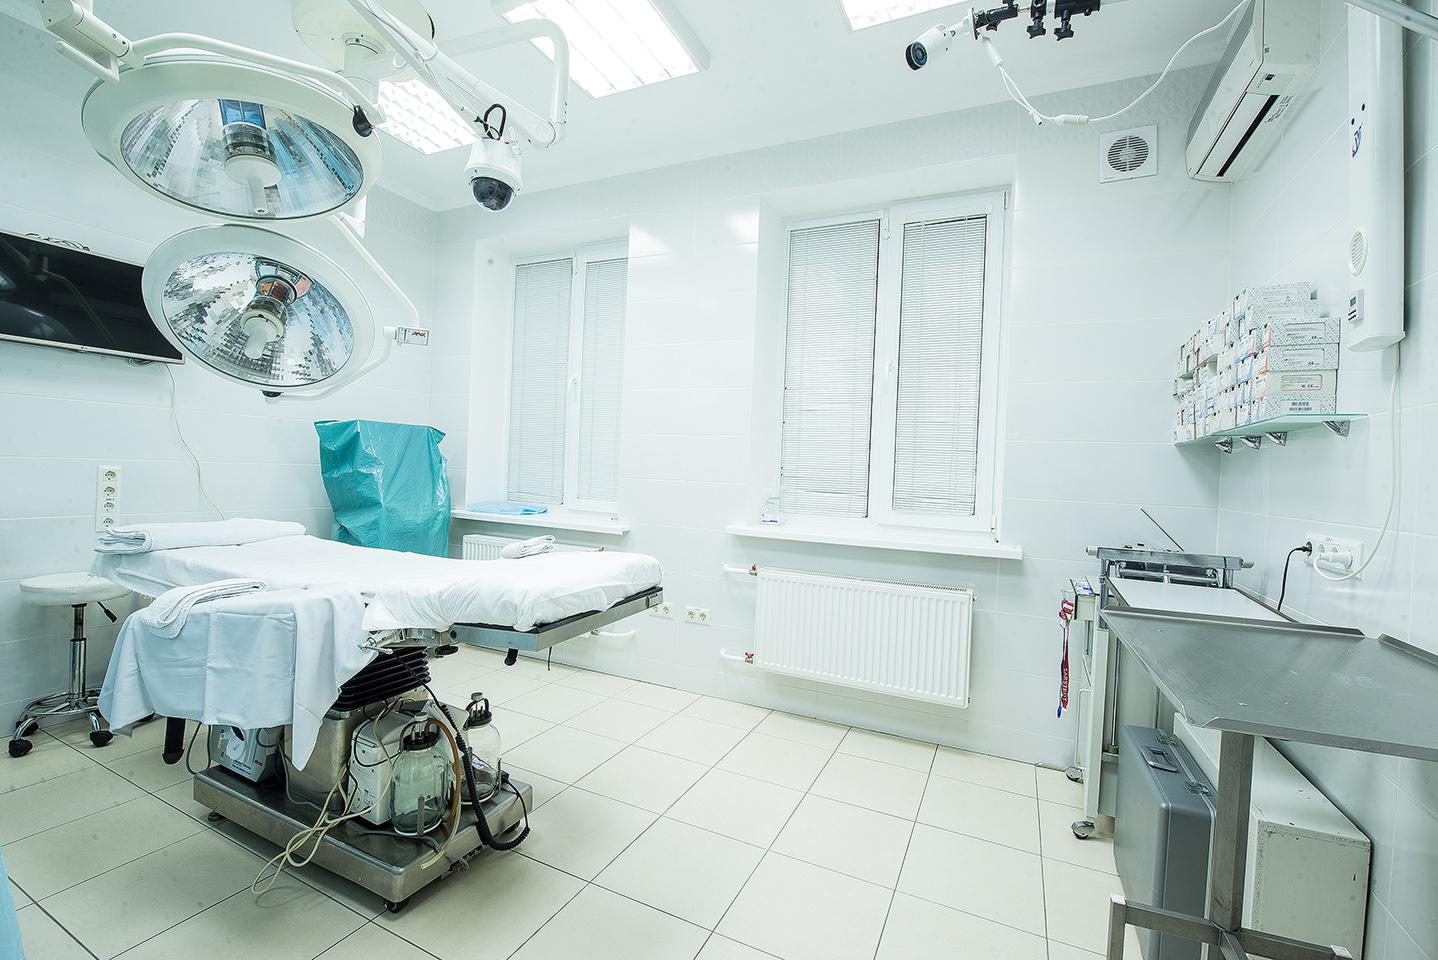 Высокотехнологичная, оснащенная передовым оборудованием операционная клиники АНА-КОСМОВ операционной клиники оперировали самые известные пластические хирурги мира, которые по достоинству оценили её технологичность.В АНА-КОСМО используется ксеноновый наркоз - самые безопасный в мире; на Западе его применяют даже в качестве лечебного сна!